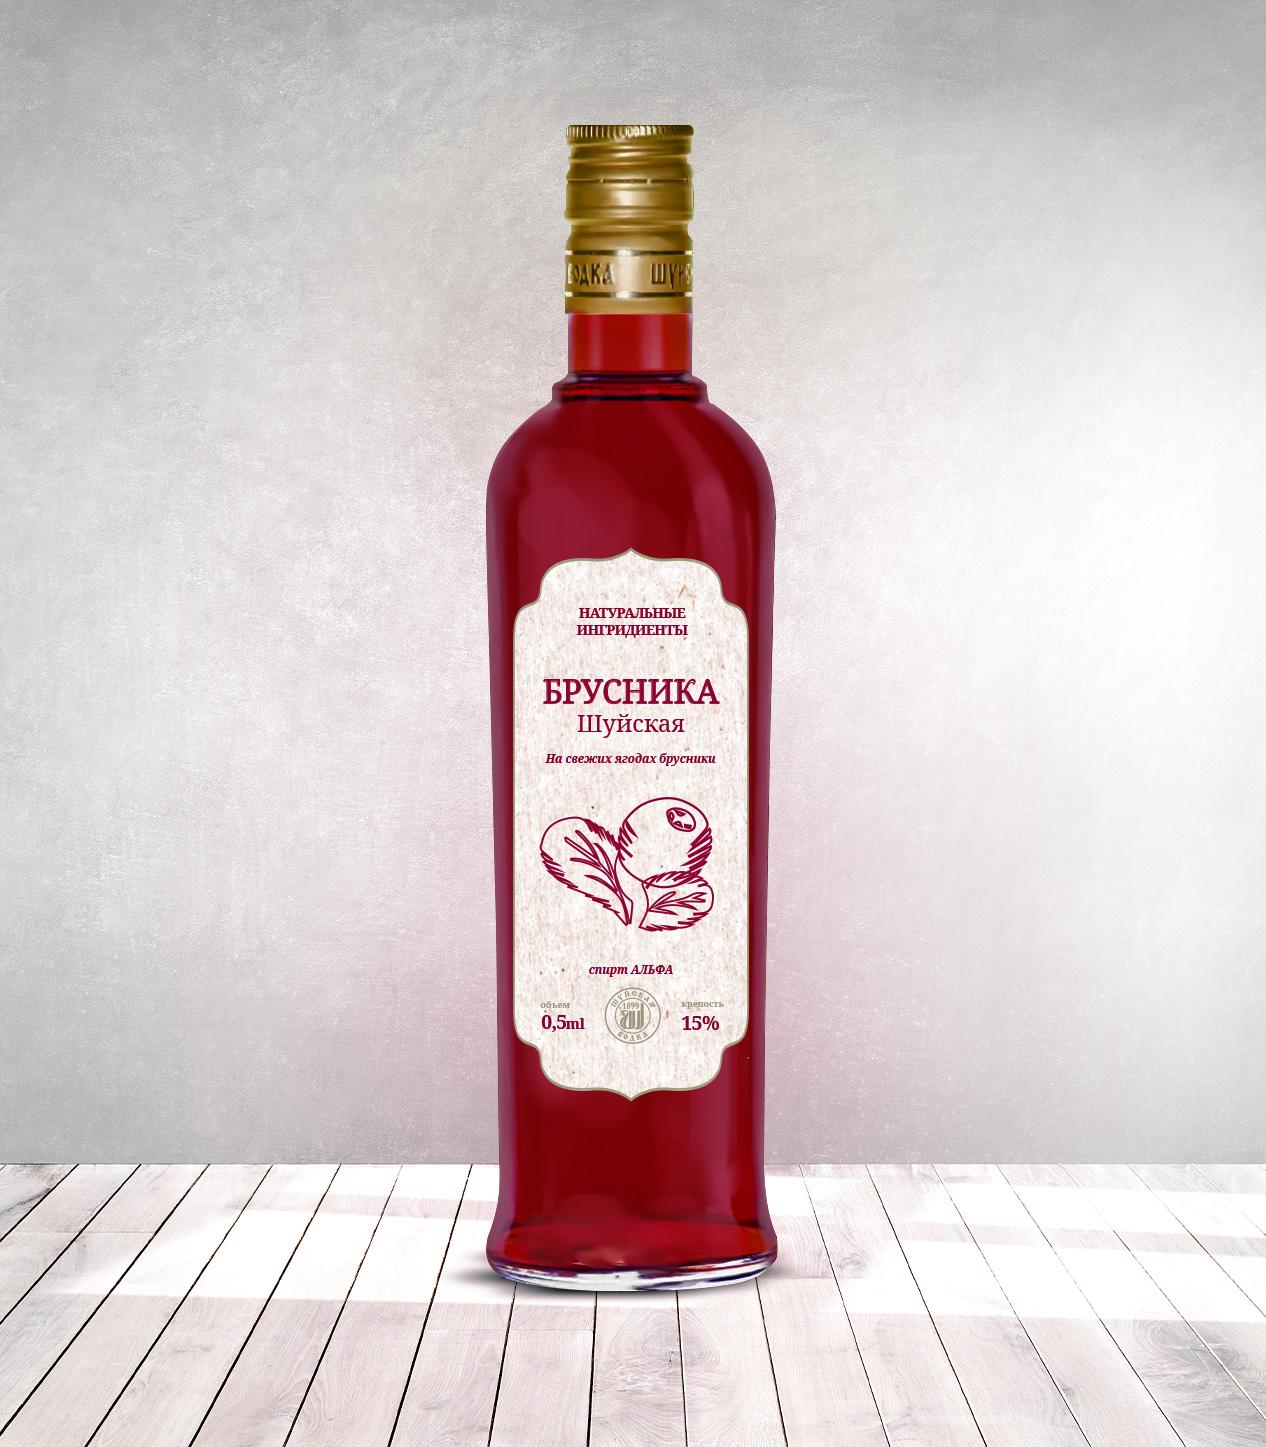 Дизайн этикетки алкогольного продукта (сладкая настойка) фото f_2855f8830441c8a4.jpg